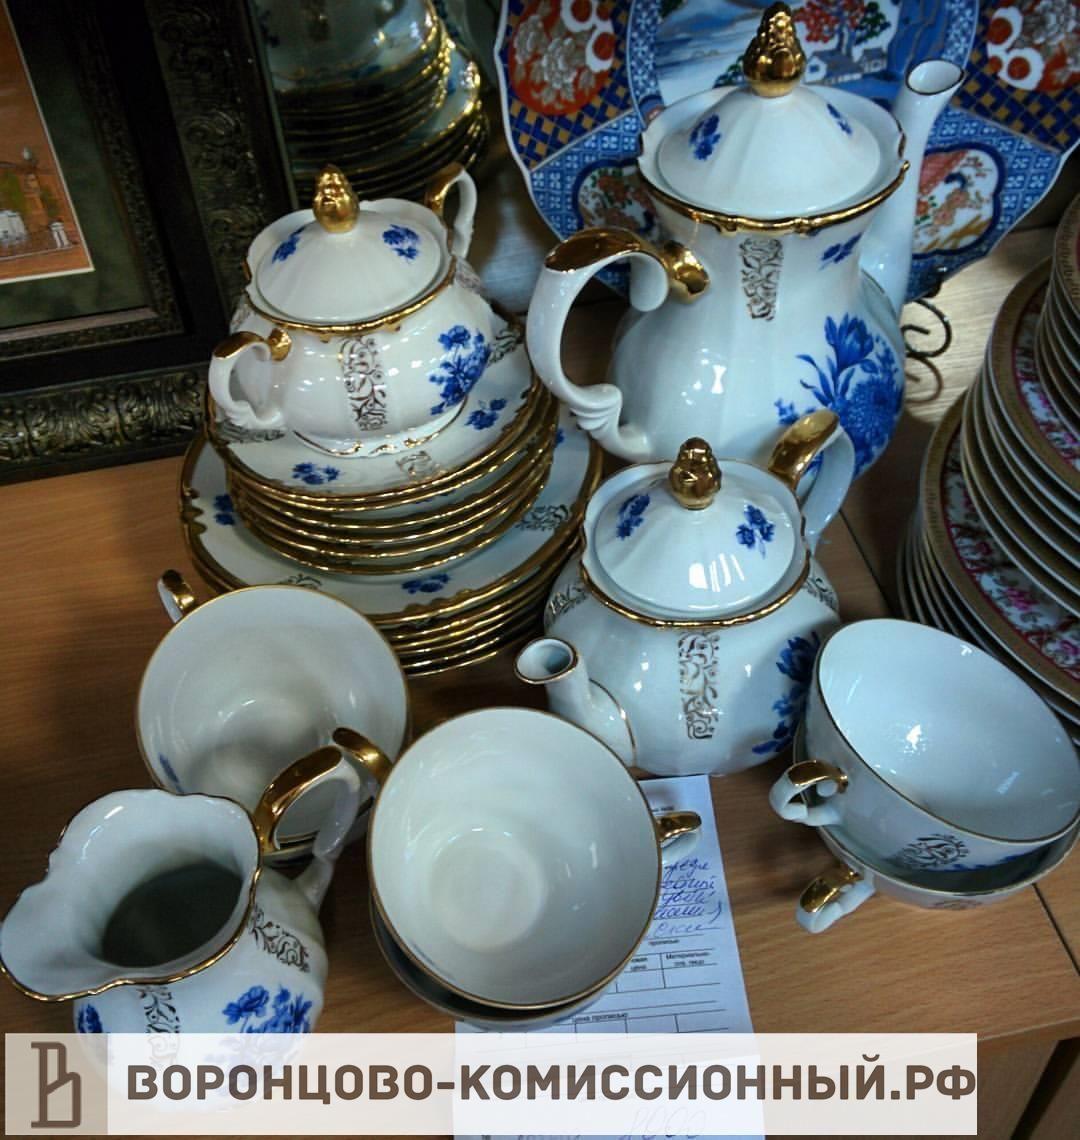 Сервиз чайно-кофейный, 22 предмета, Германия, 8000 рублей, #фарфор, #посудамосква, #фарформосква, #коллекционирование, #фарфороваяпосуда,  #фарфорсервиз